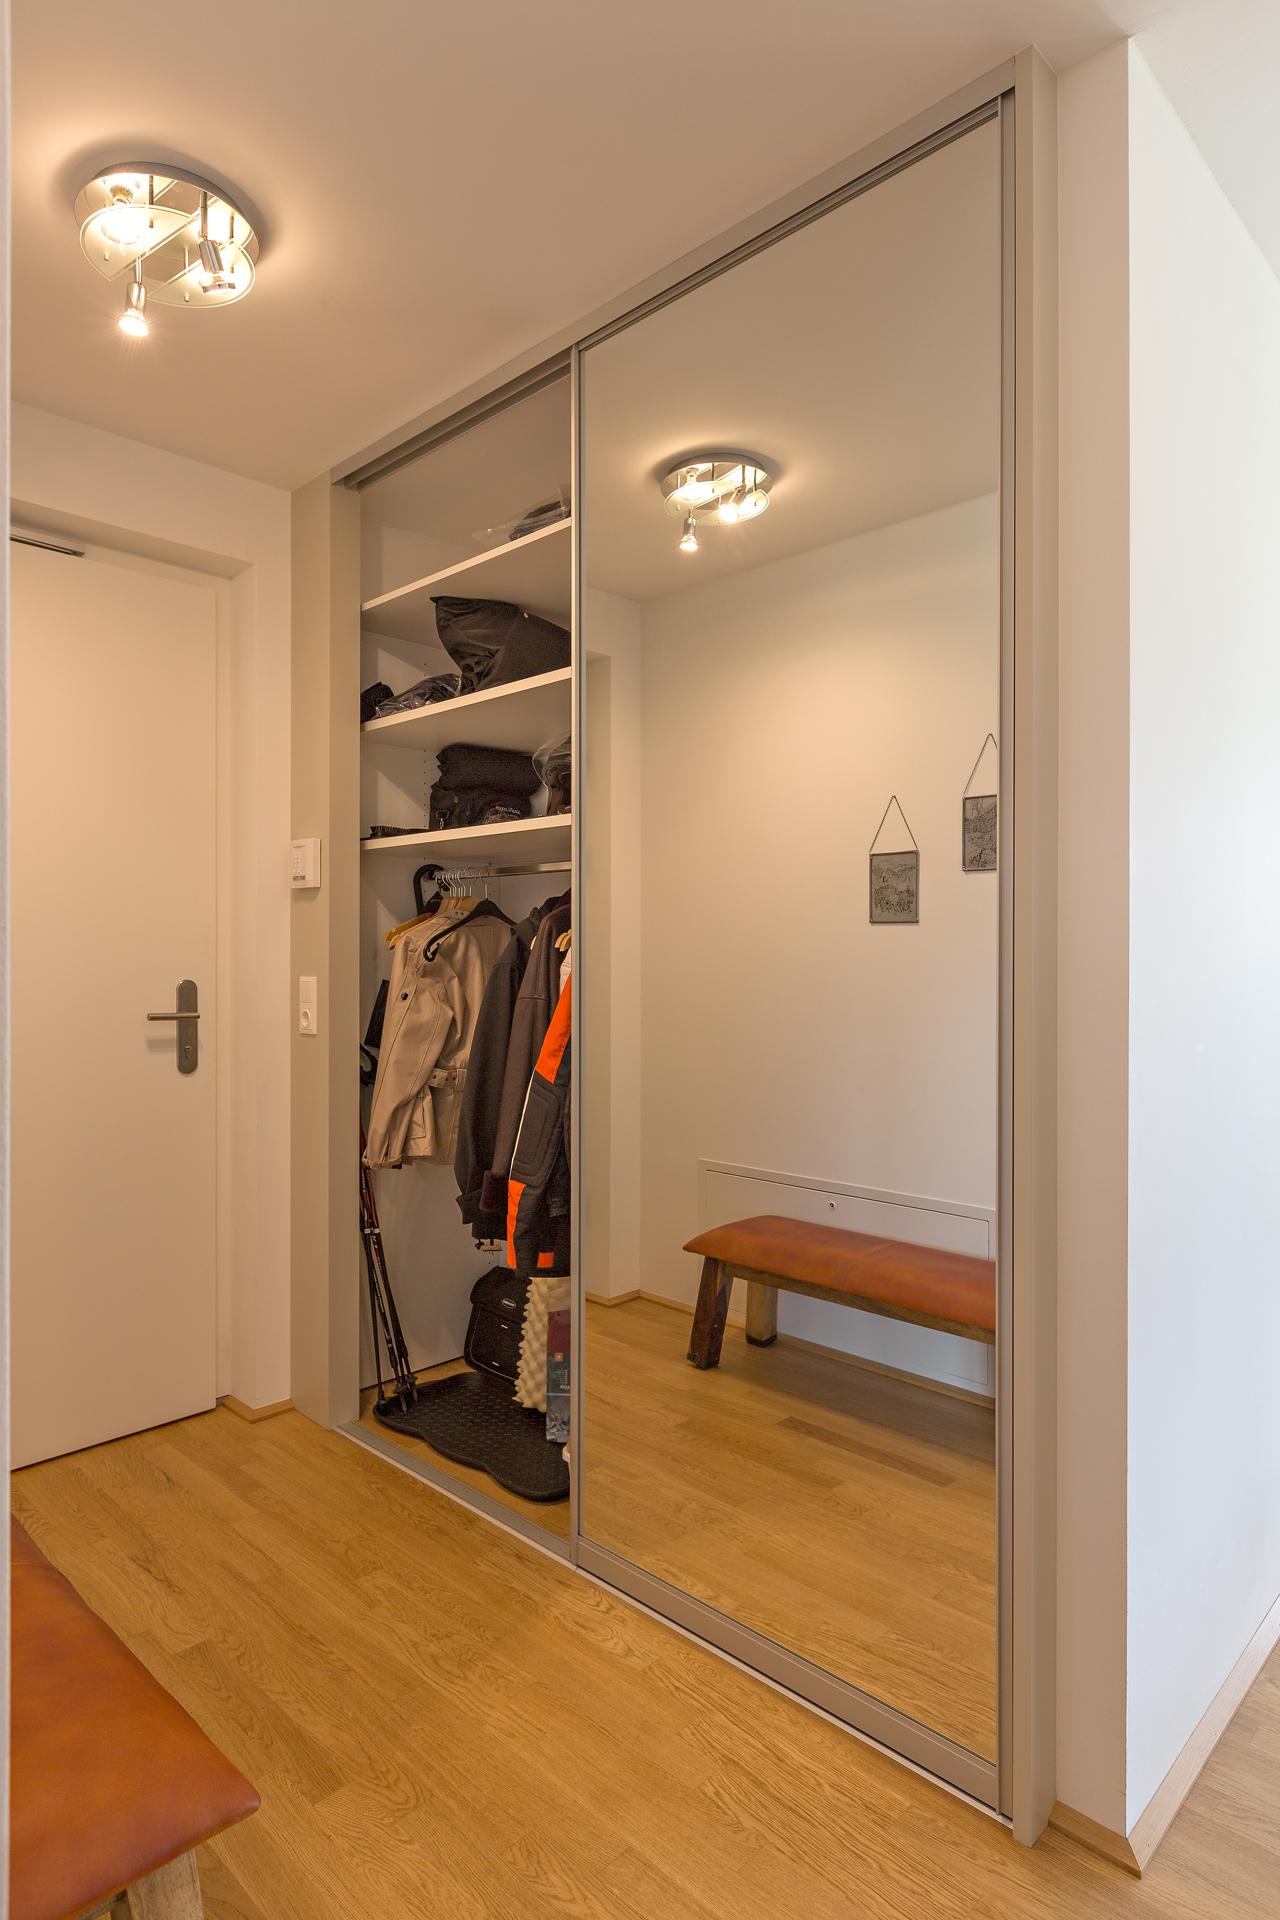 garderobenschrank im wohnungseingang als einbauschrank auf zu. Black Bedroom Furniture Sets. Home Design Ideas